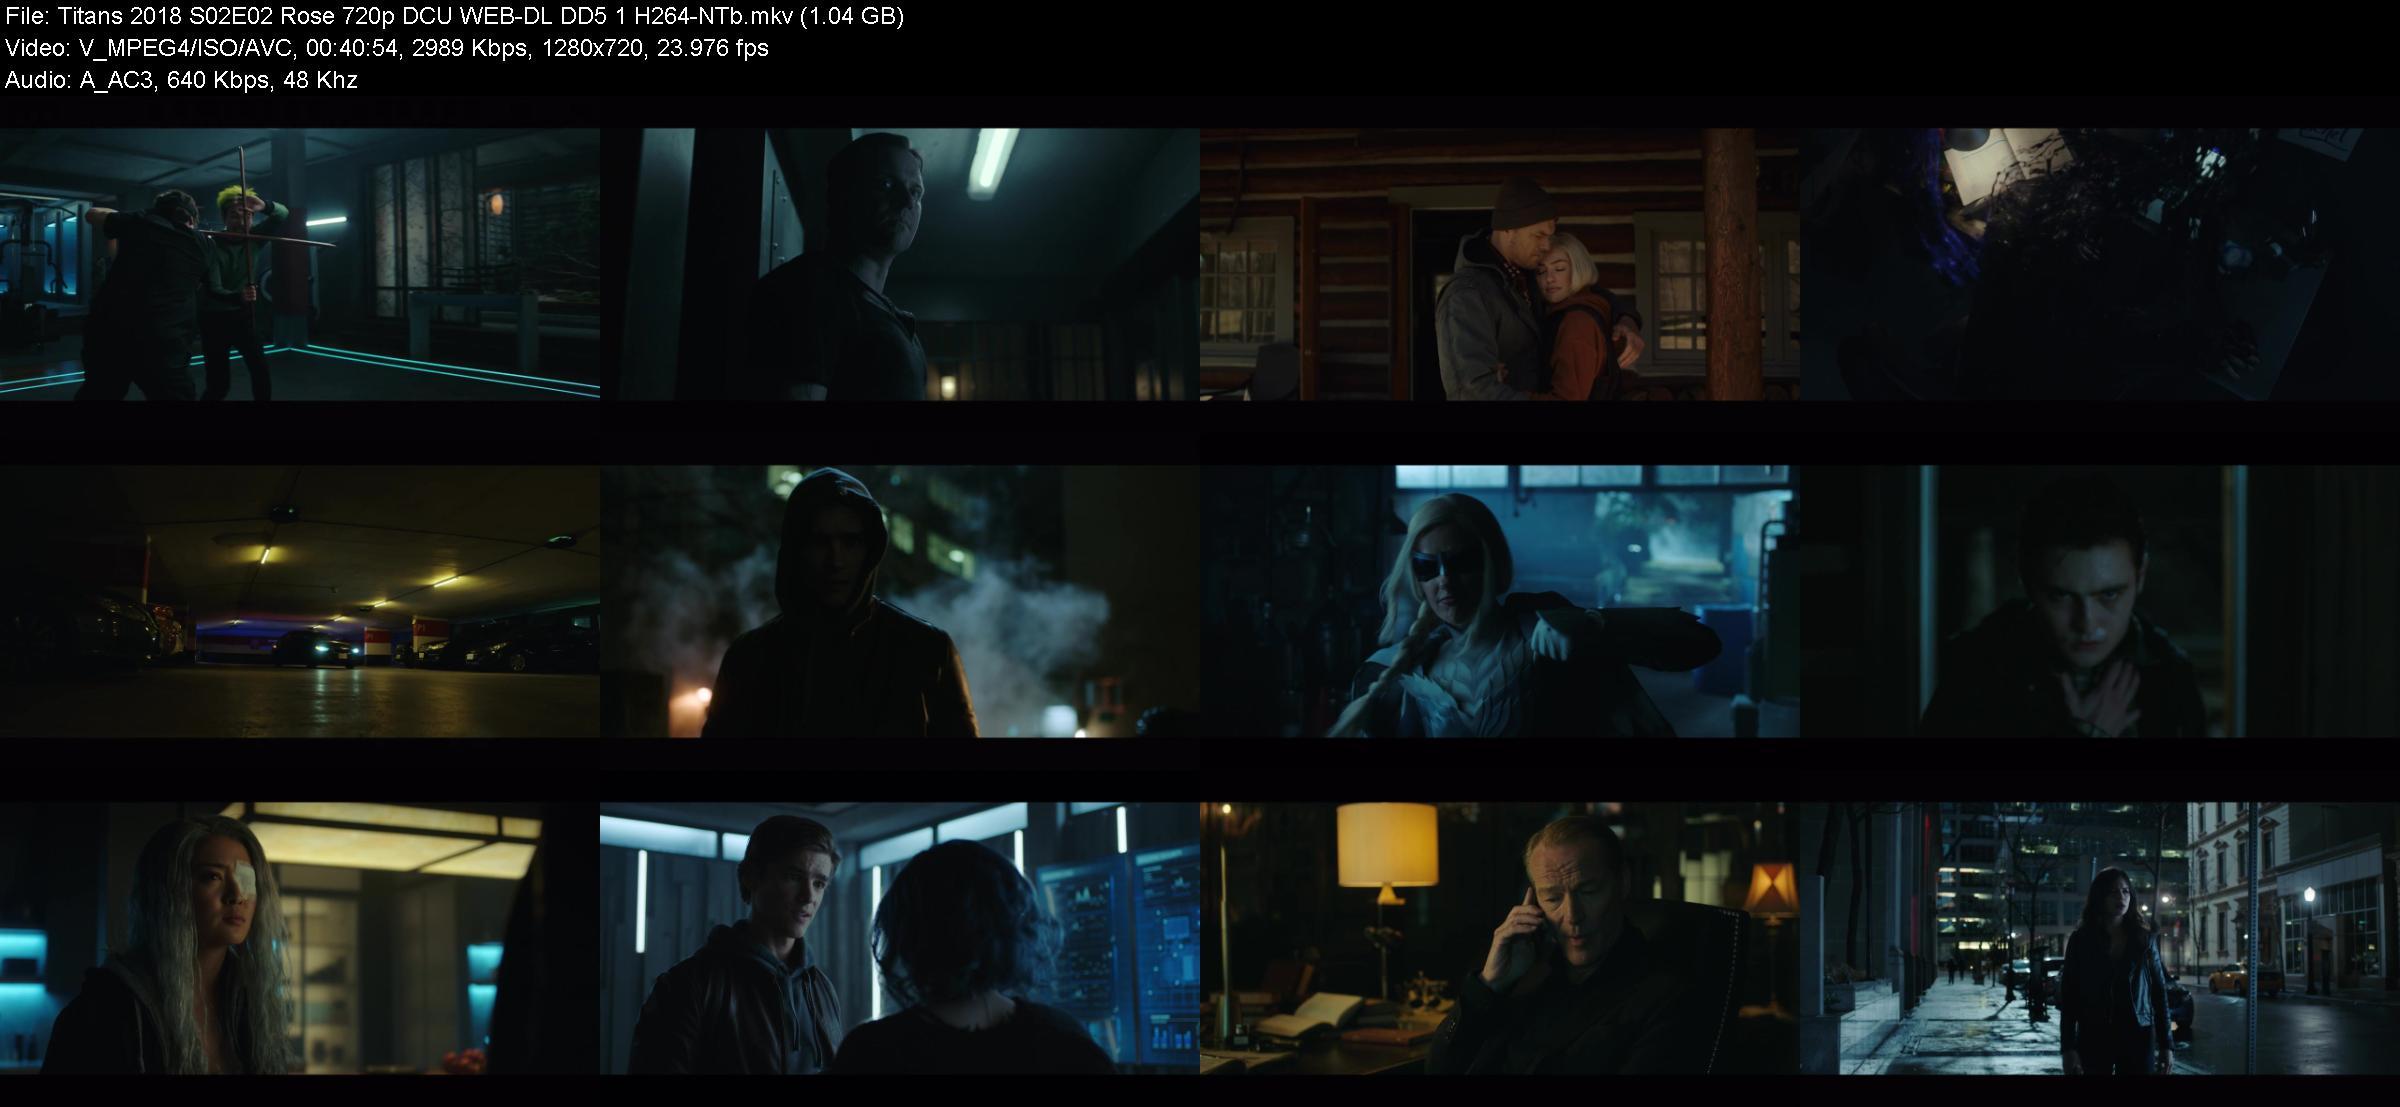 Titans 2018 S02E02 Rose 720p DCU WEB-DL DD5 1 H264-NTb